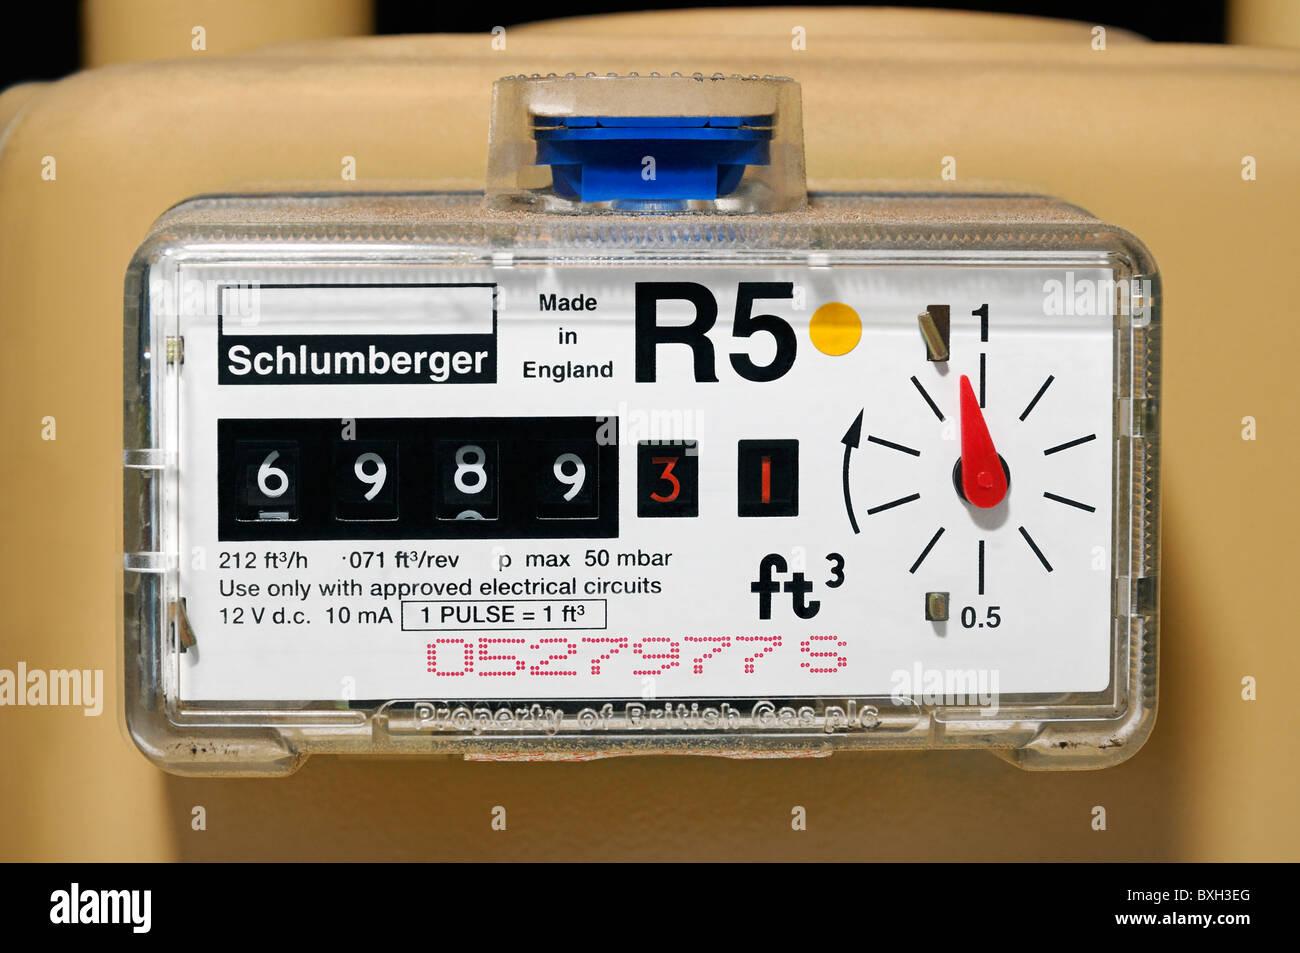 Gas Meter, UK. - Stock Image